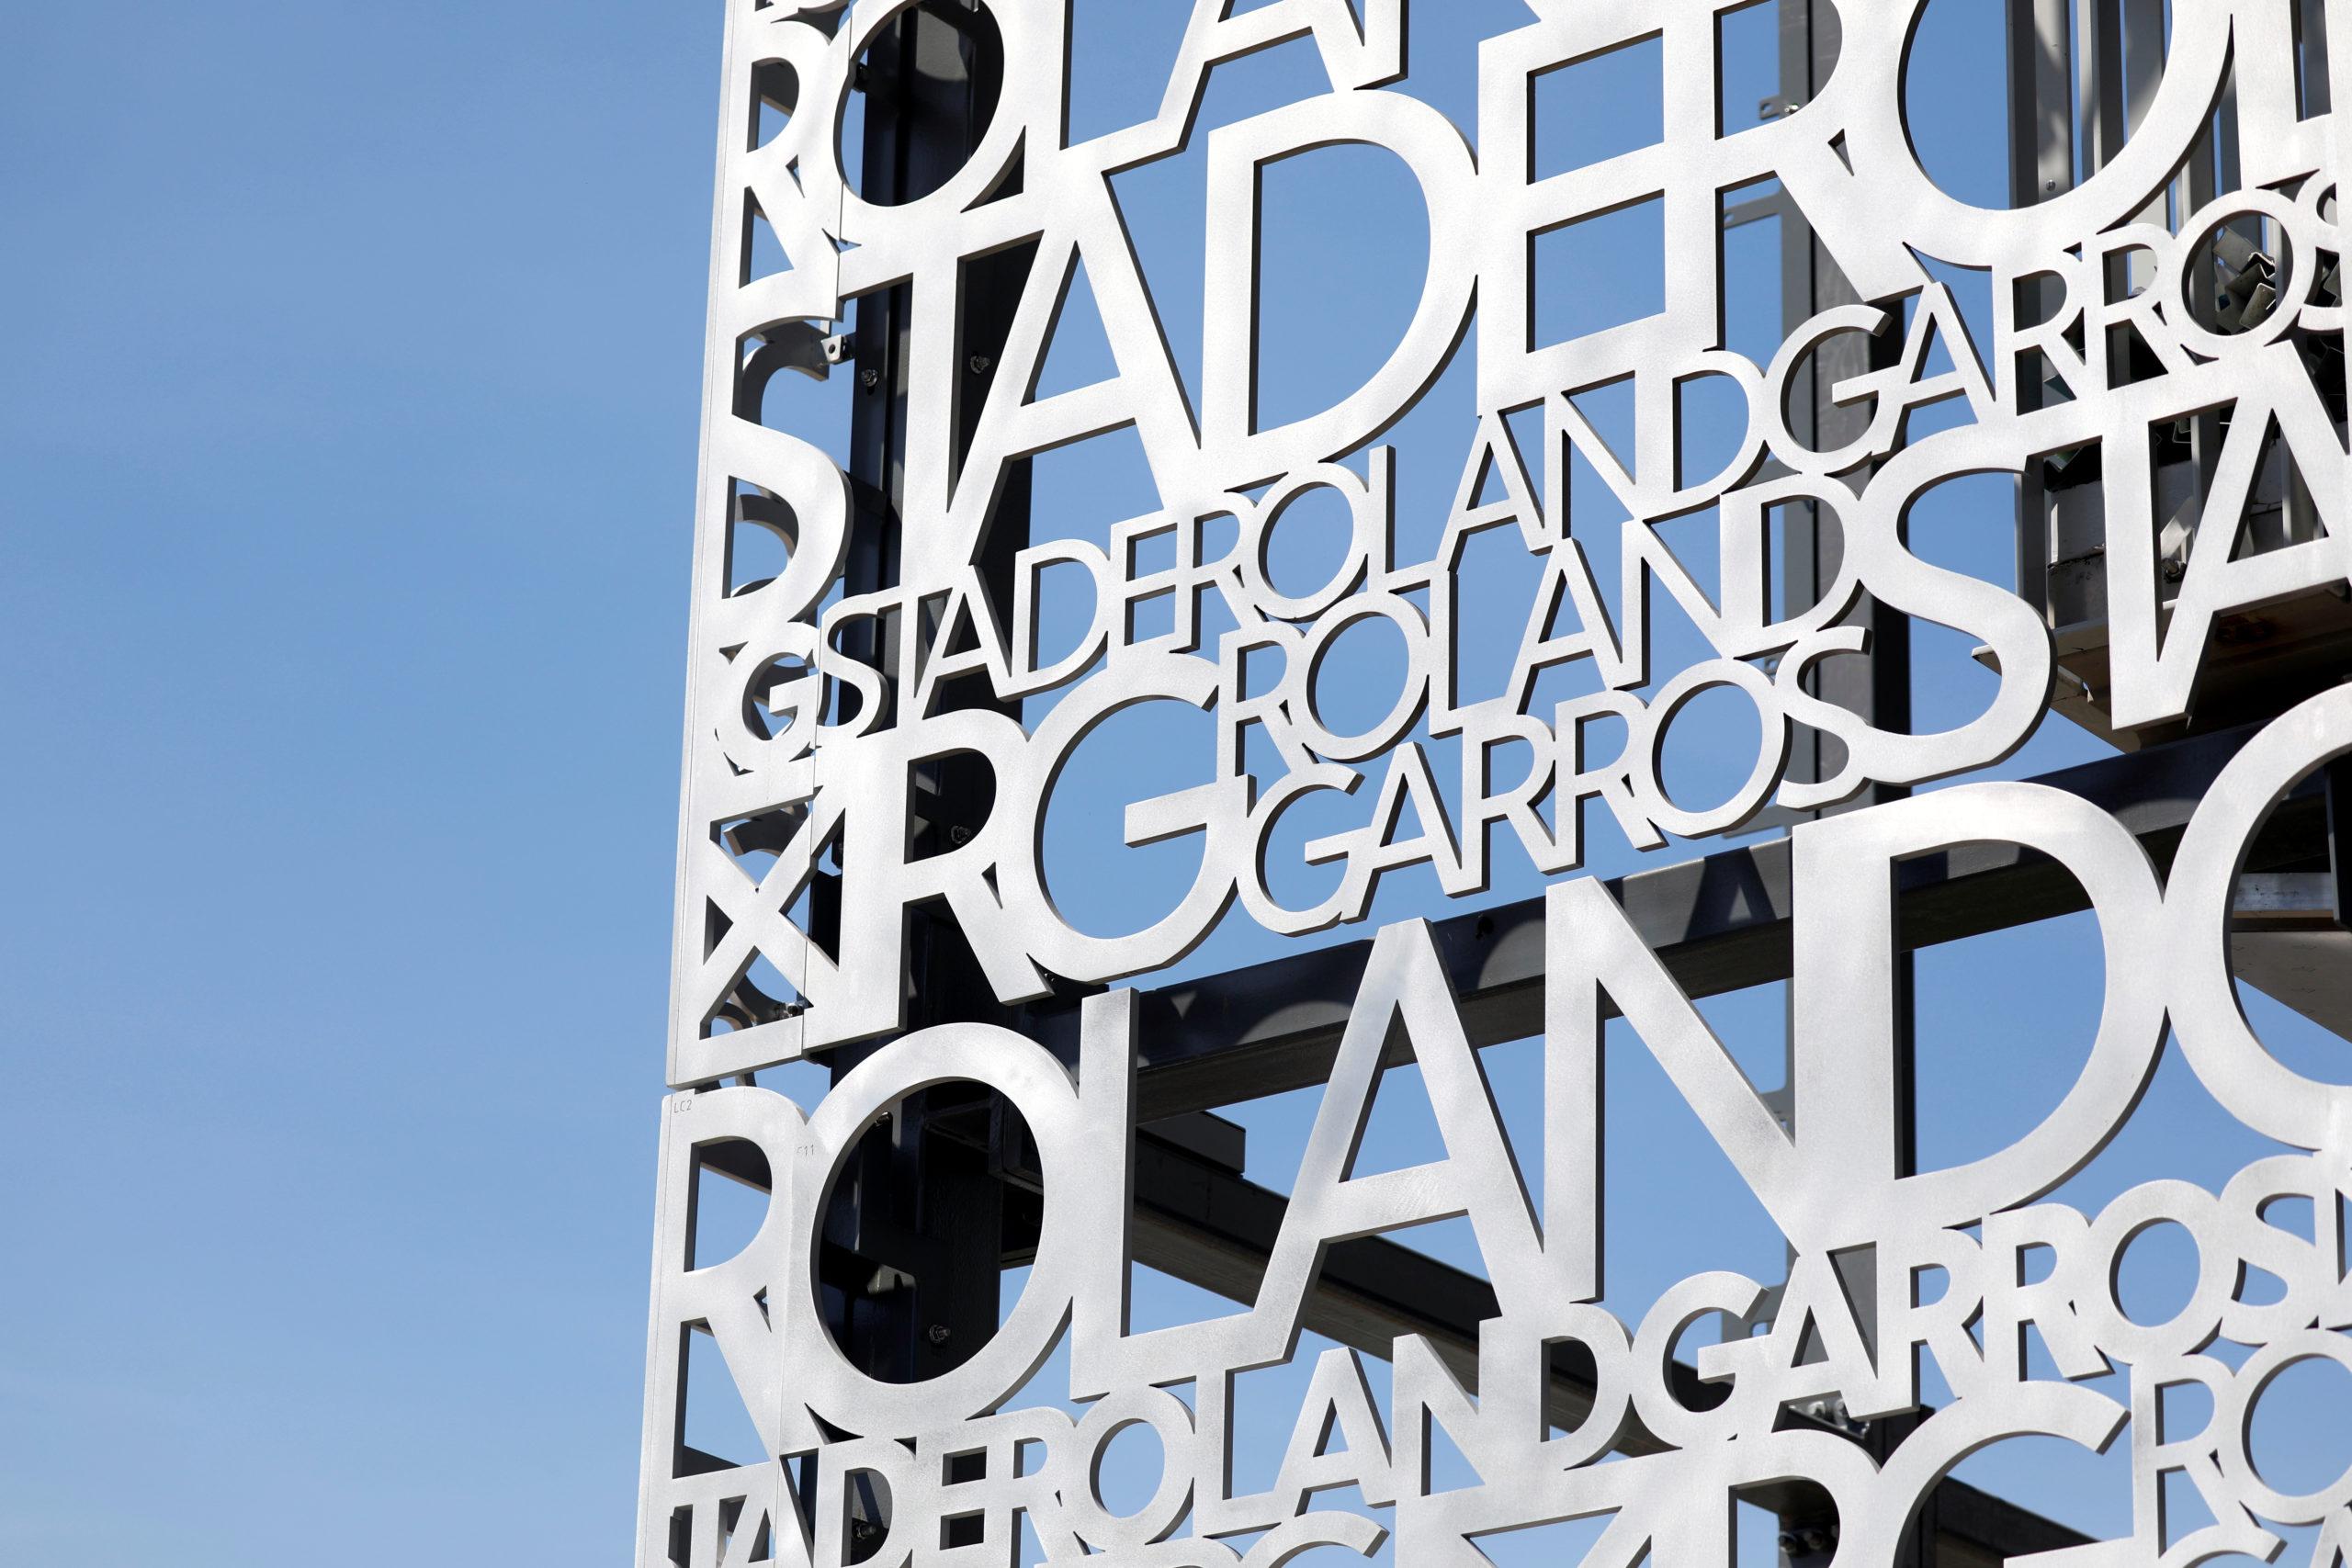 Coronavirus: Le seuil des 1.000 personnes s'applique à Roland-Garros, dit Castex